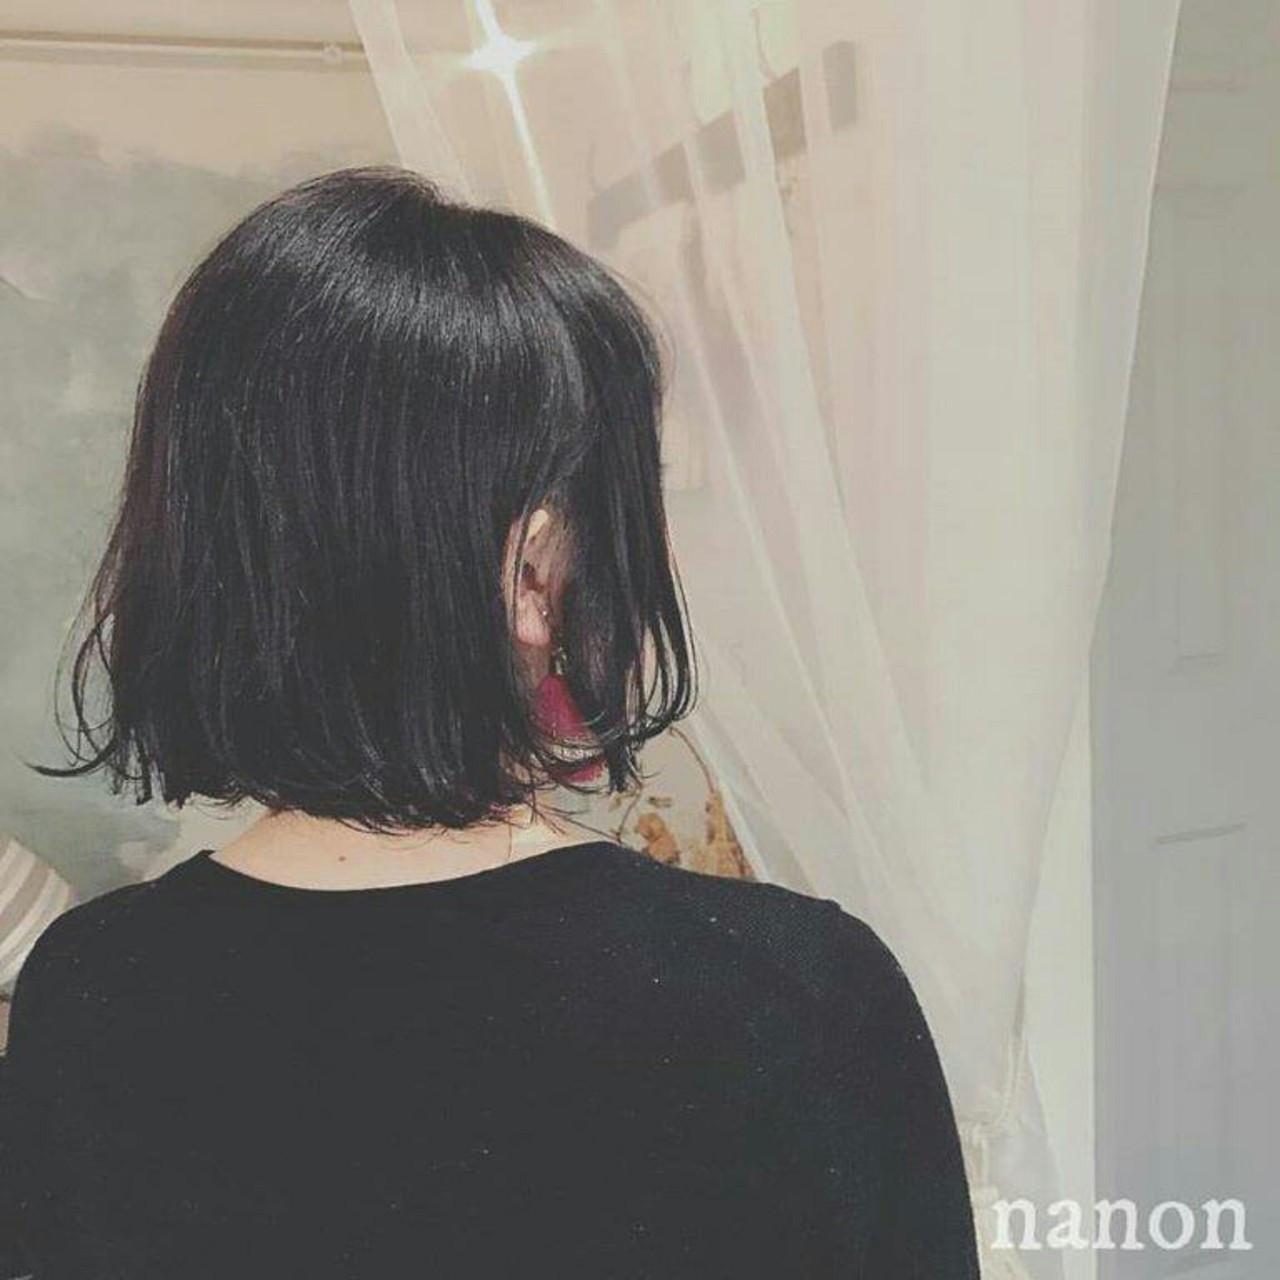 色気 ボブ 黒髪 ウェットヘア ヘアスタイルや髪型の写真・画像